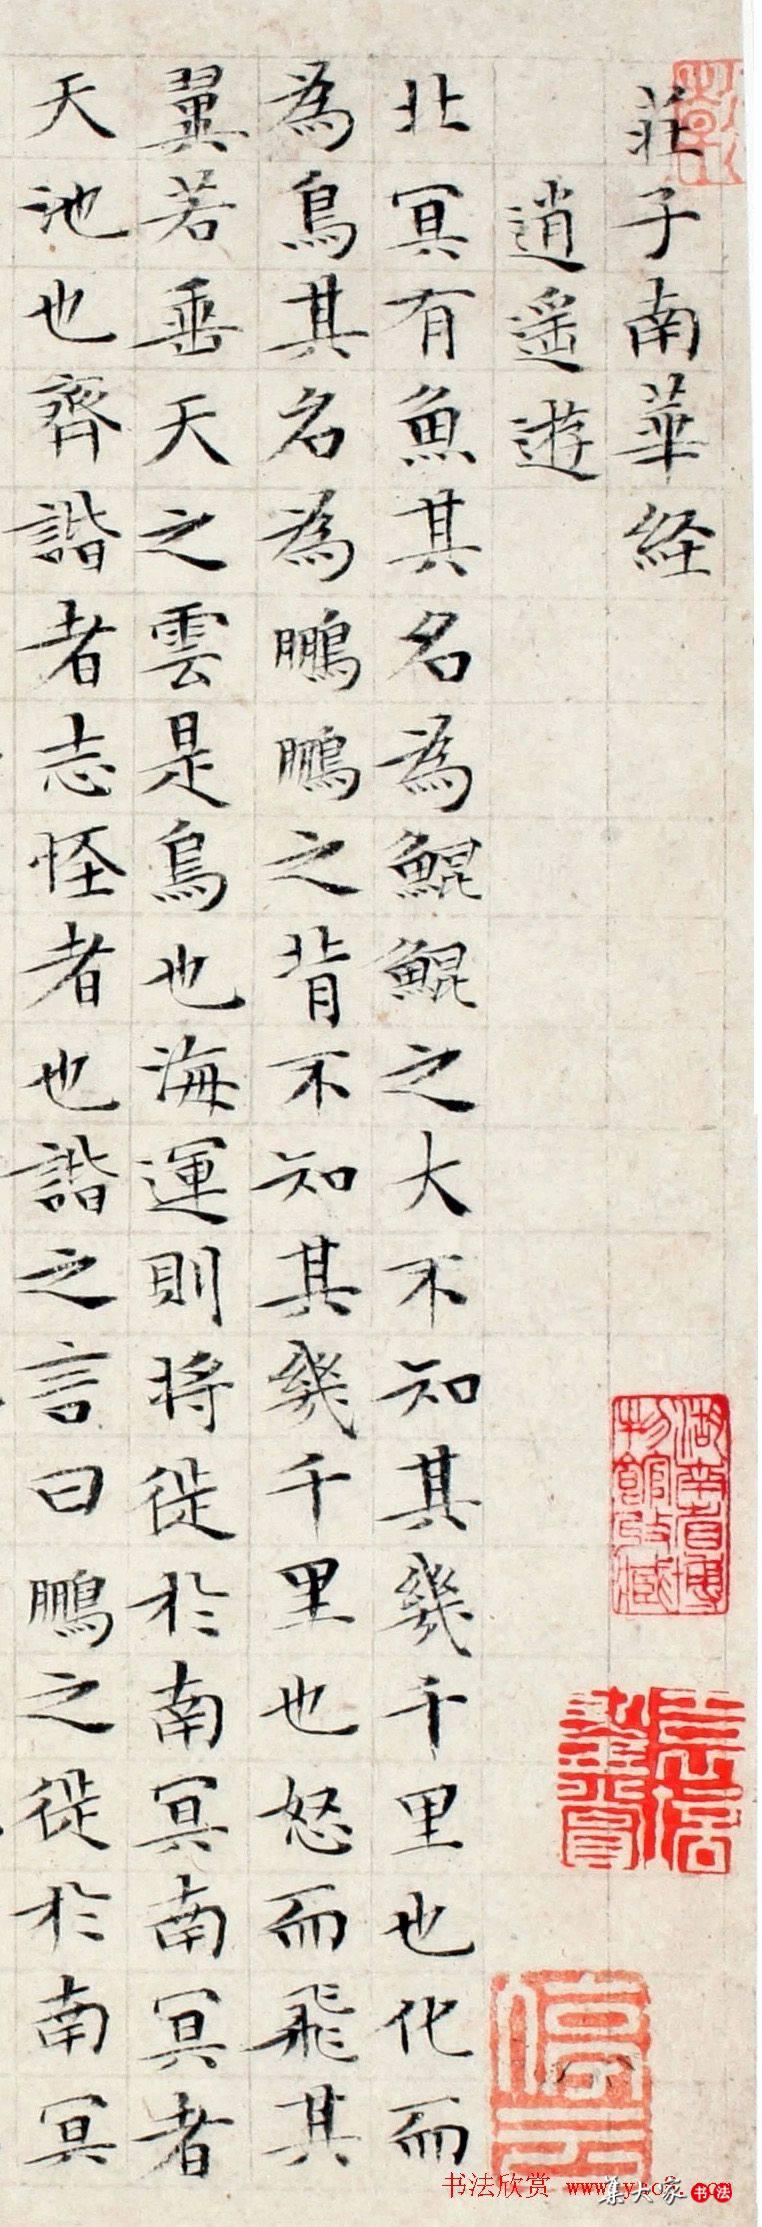 文徵明86岁小楷册页《逍遥游》